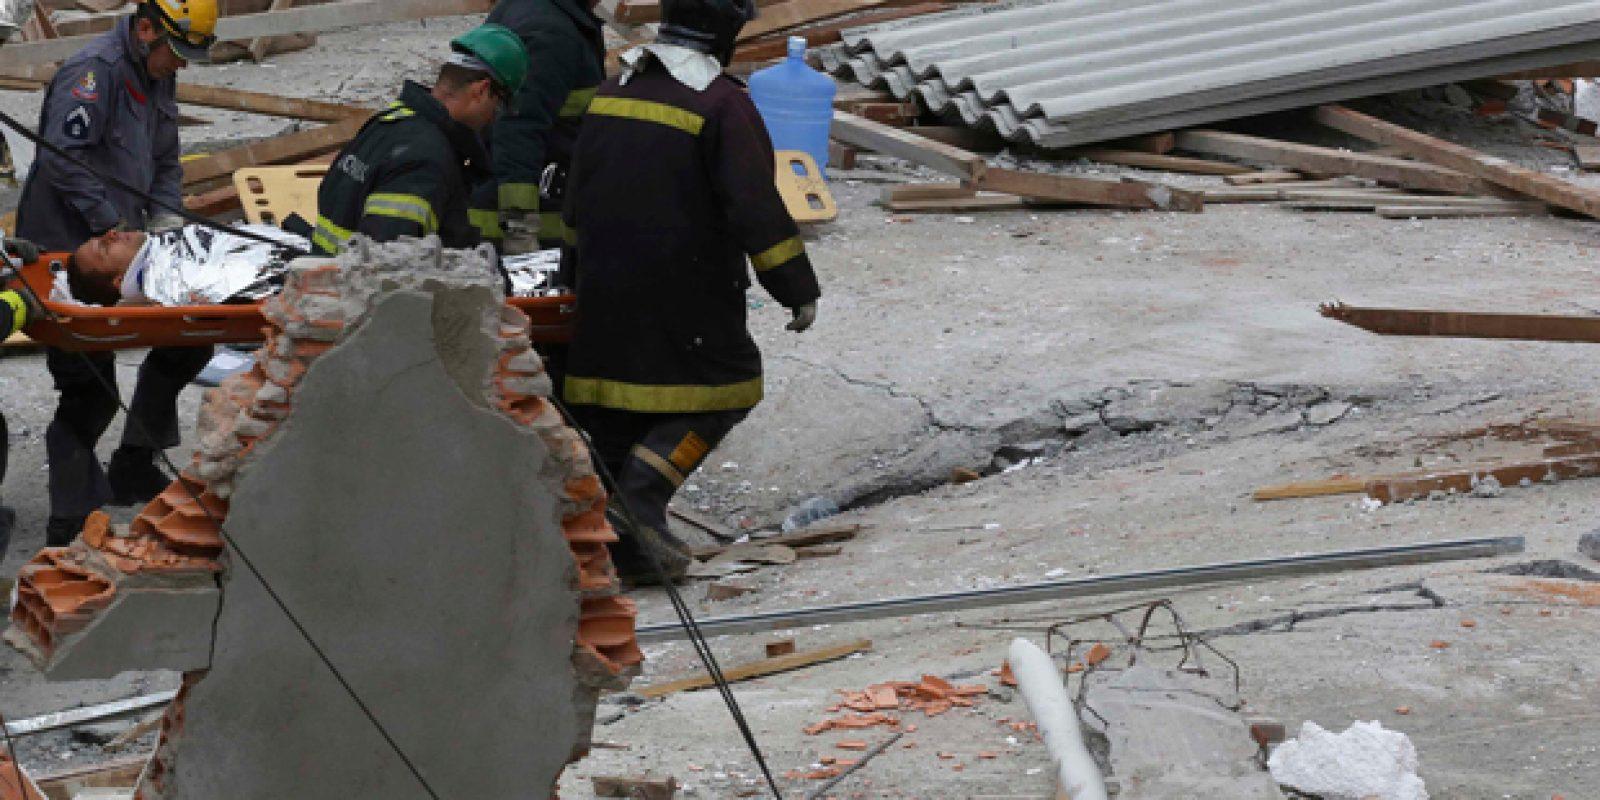 Bombeiros procuram vítimas nos escombros do prédio desabado | Nacho Doce/ Reuters sao mateus